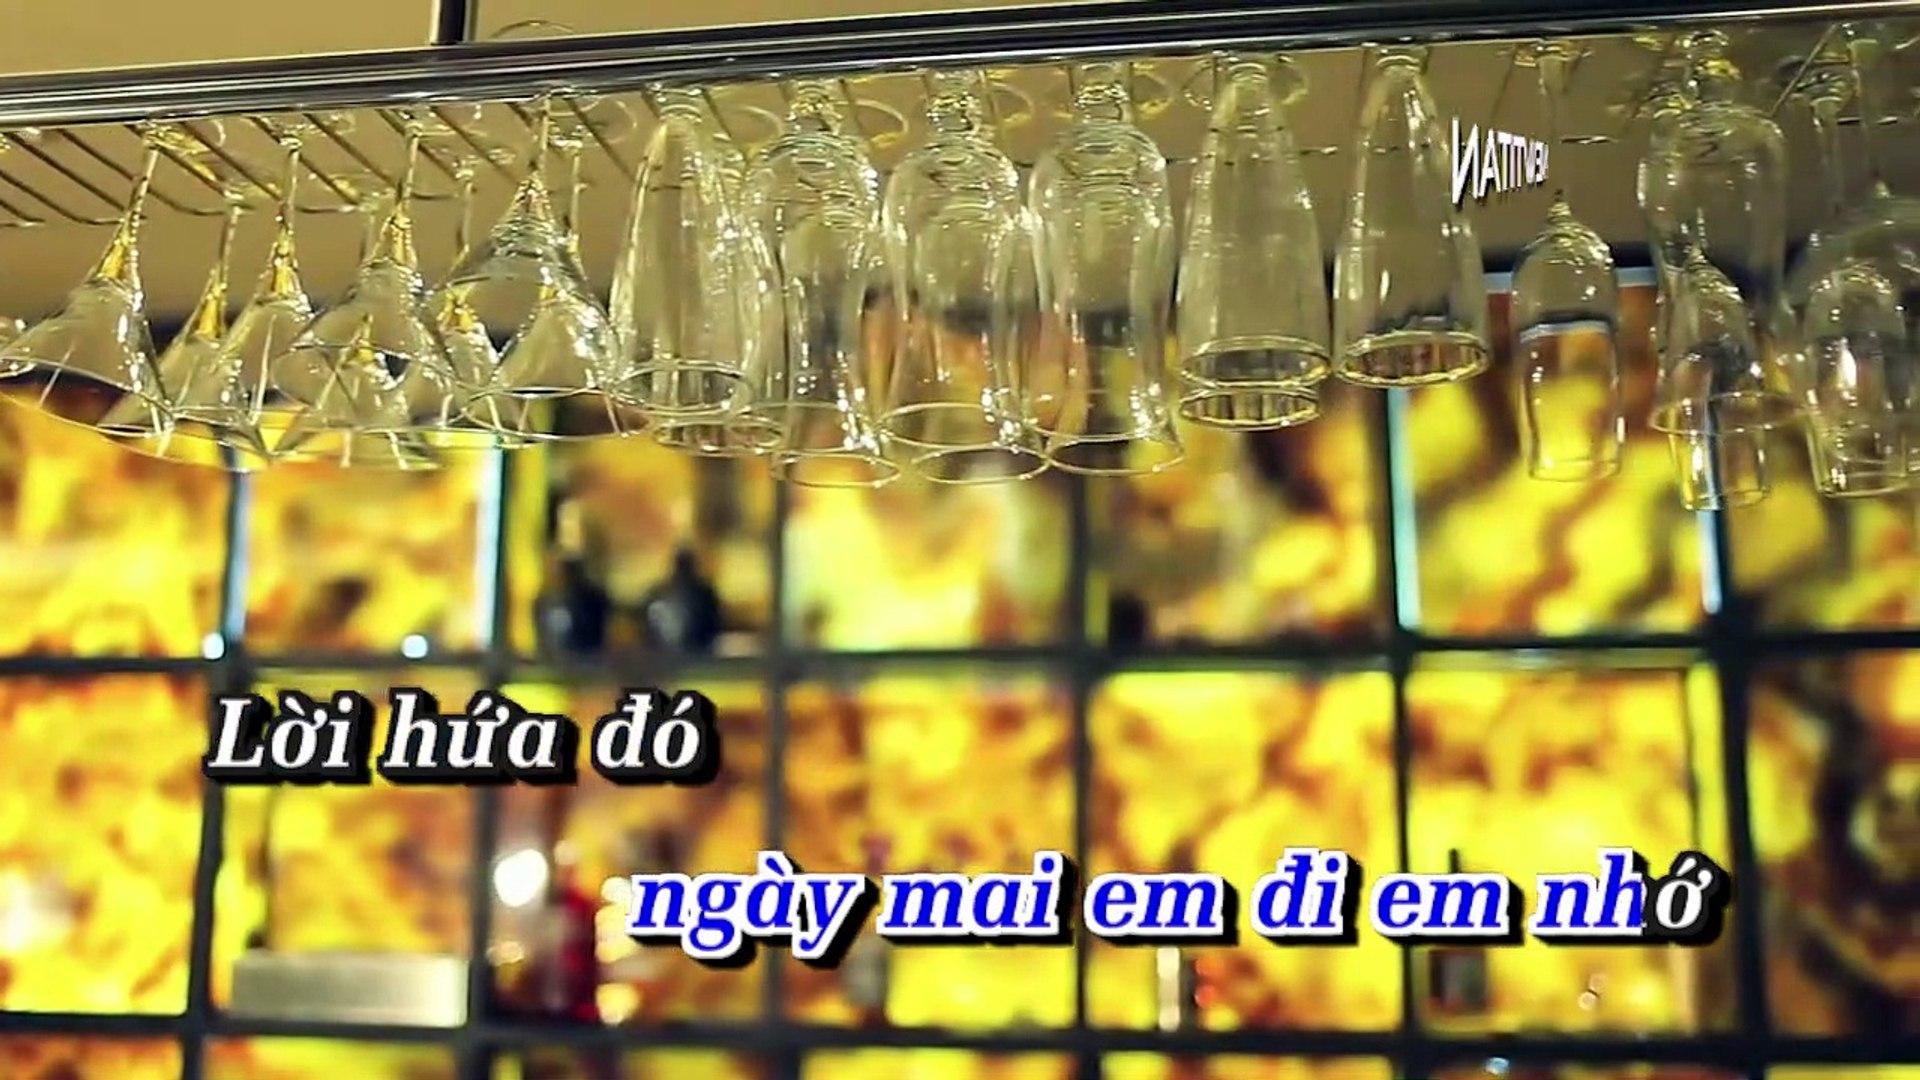 [Karaoke] Lời Hứa - Nam Cường Ft. Khắc Việt [Beat]